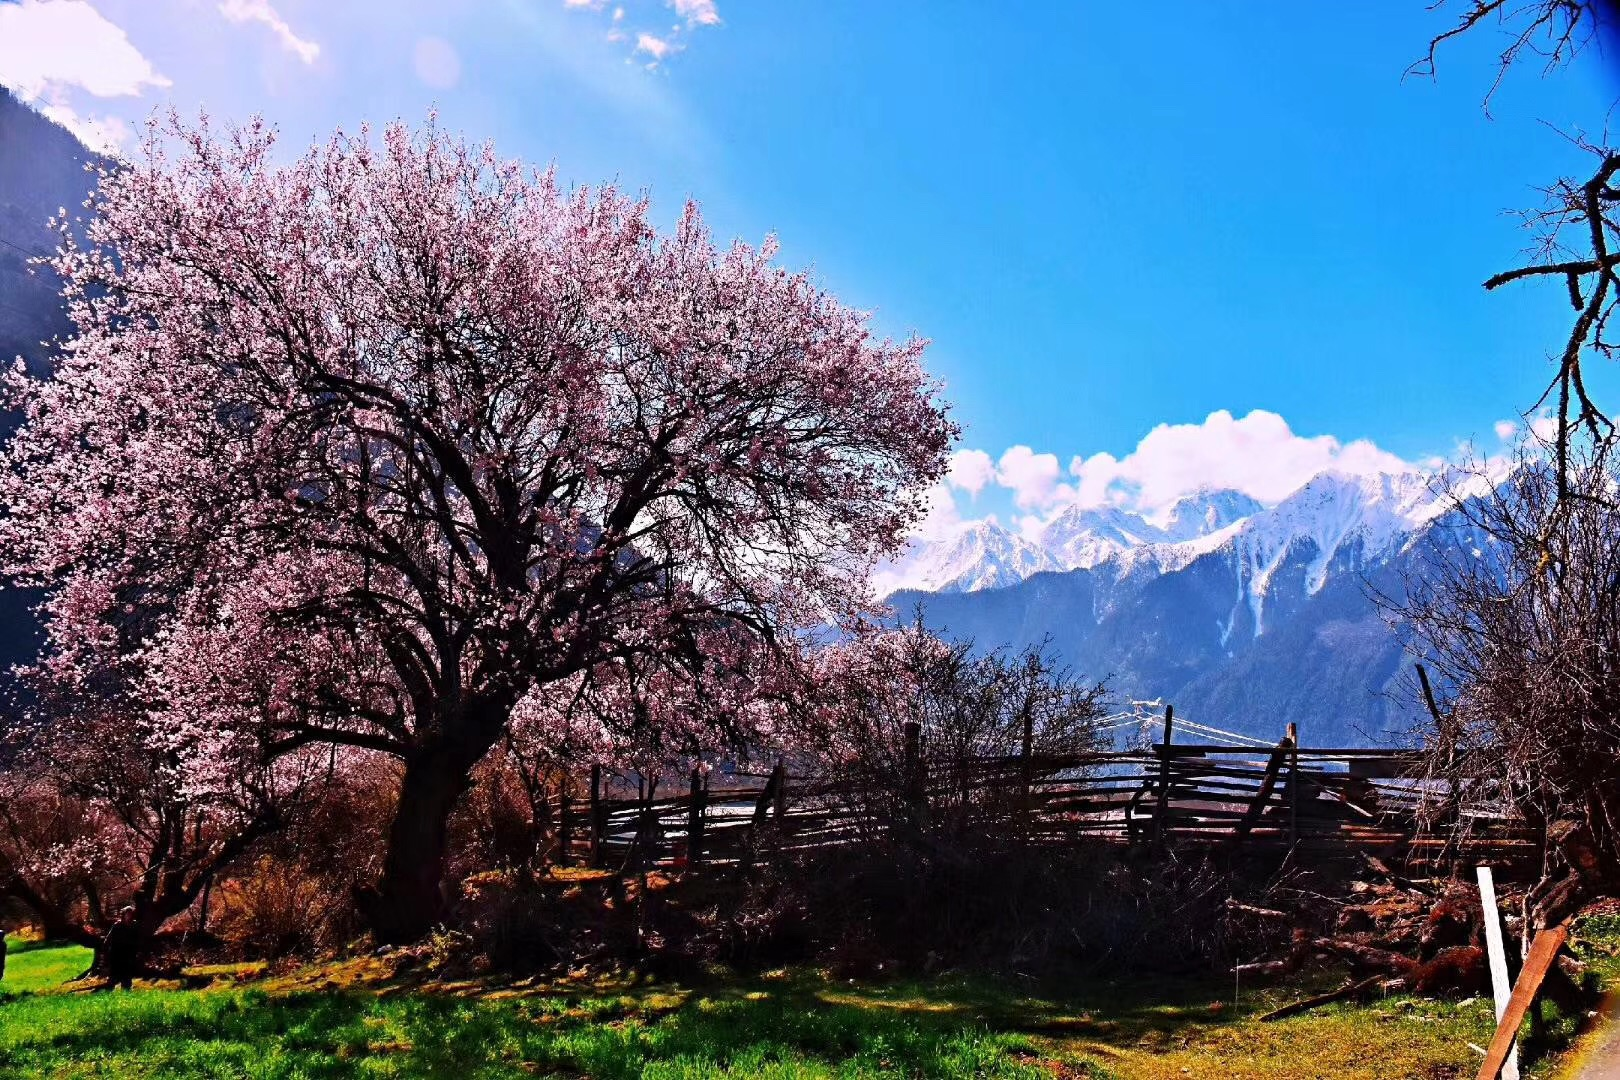 (西藏.林芝桃花节)拉萨-羊湖-林芝.单卧单飞9天品质游